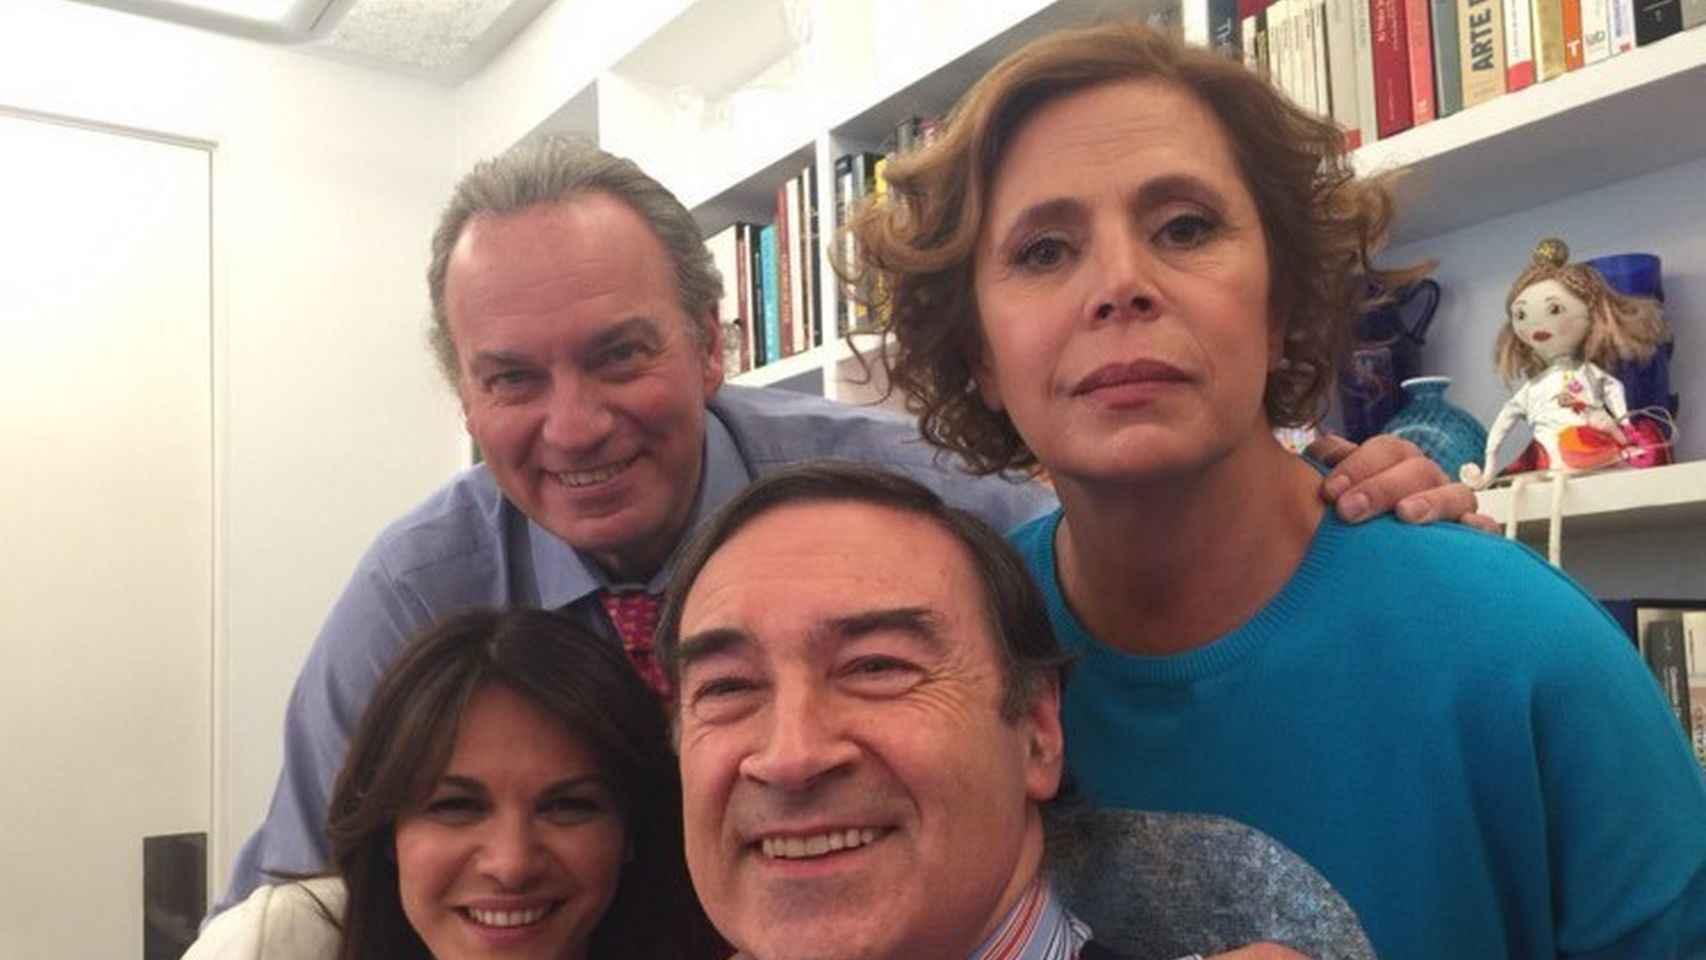 Imagen tomada durante la entrevista a Pedro J. Ramírez y Agatha Ruiz de la Prada